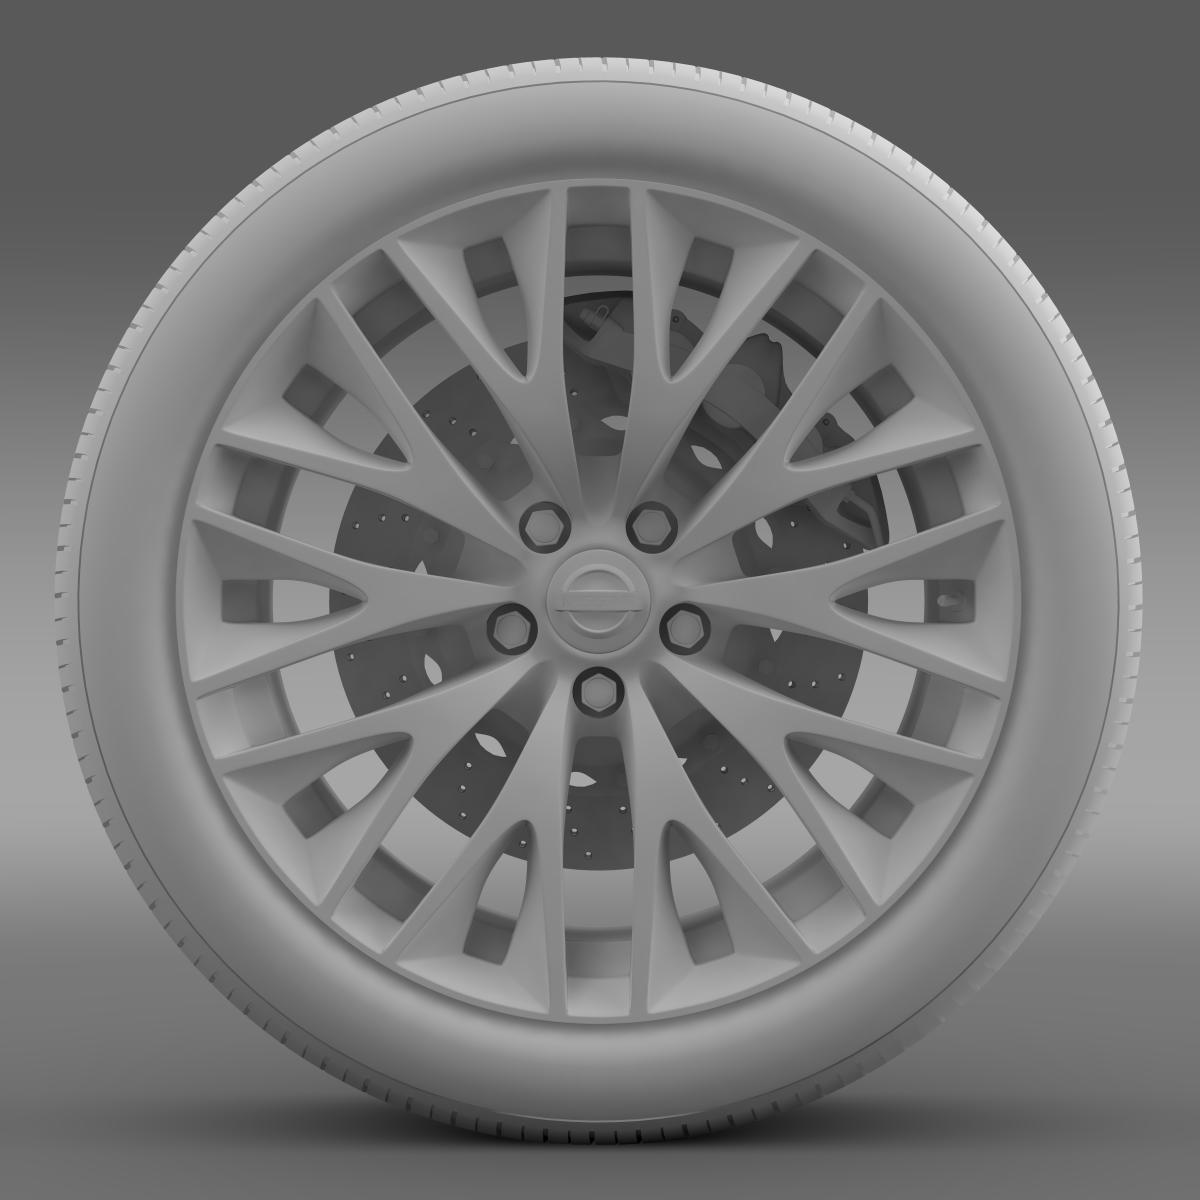 nissan cima hybrid wheel 3d model 3ds max fbx c4d lwo ma mb hrc xsi obj 210820